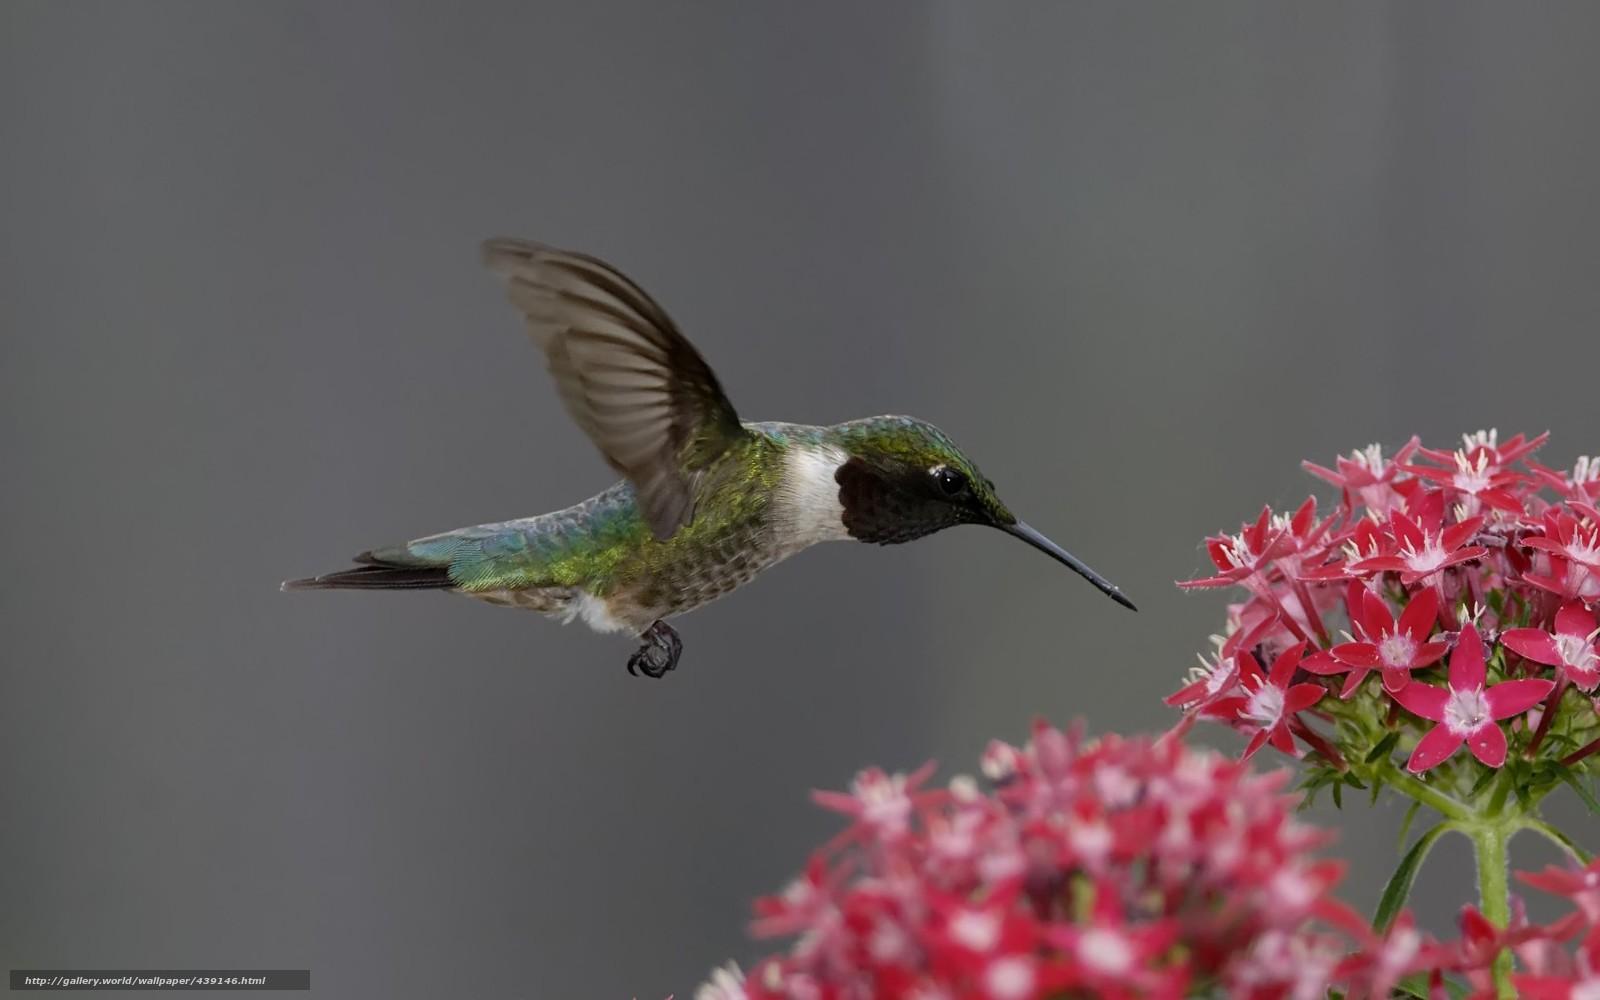 Скачать обои птица,  колибри,  цветок,  розовый бесплатно для рабочего стола в разрешении 1680x1050 — картинка №439146